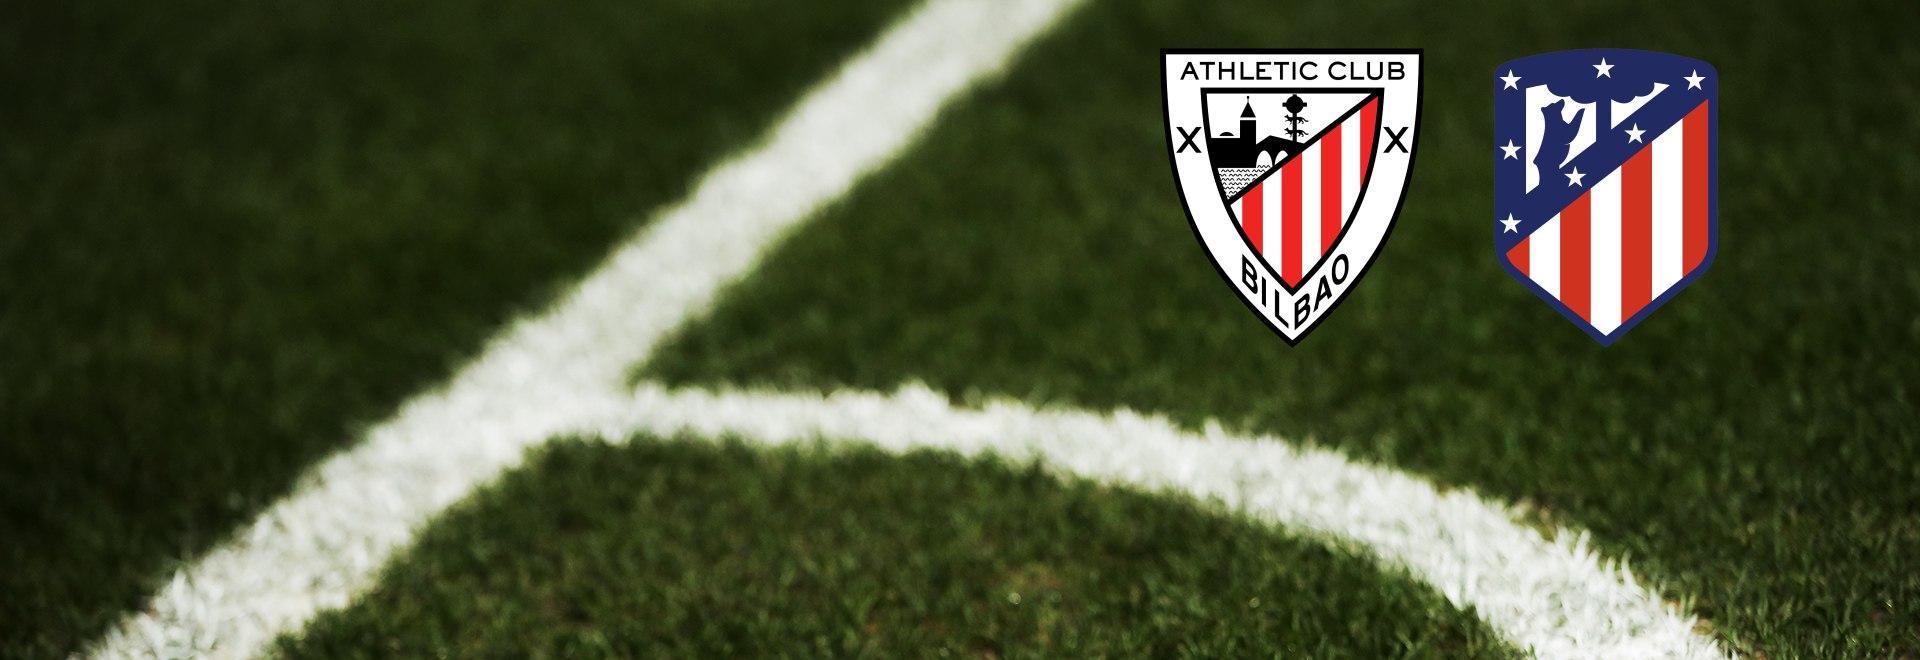 Athletic B. - Atletico M. 28a g.